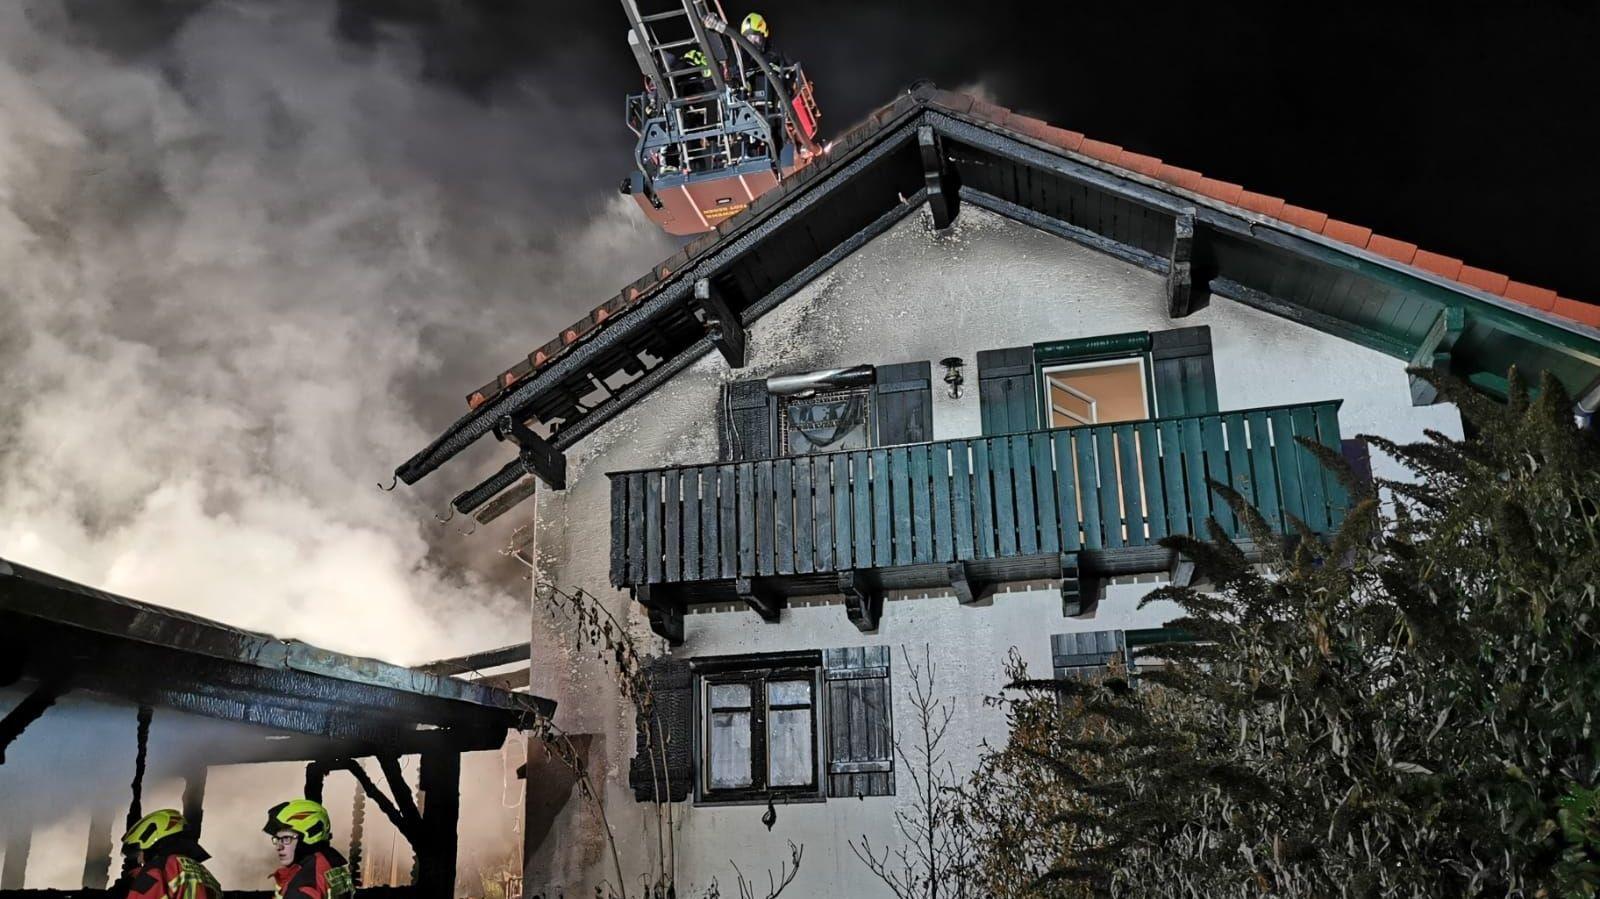 Die Feuerwehr löscht den Brand an einem Einfamilienhaus in Regen